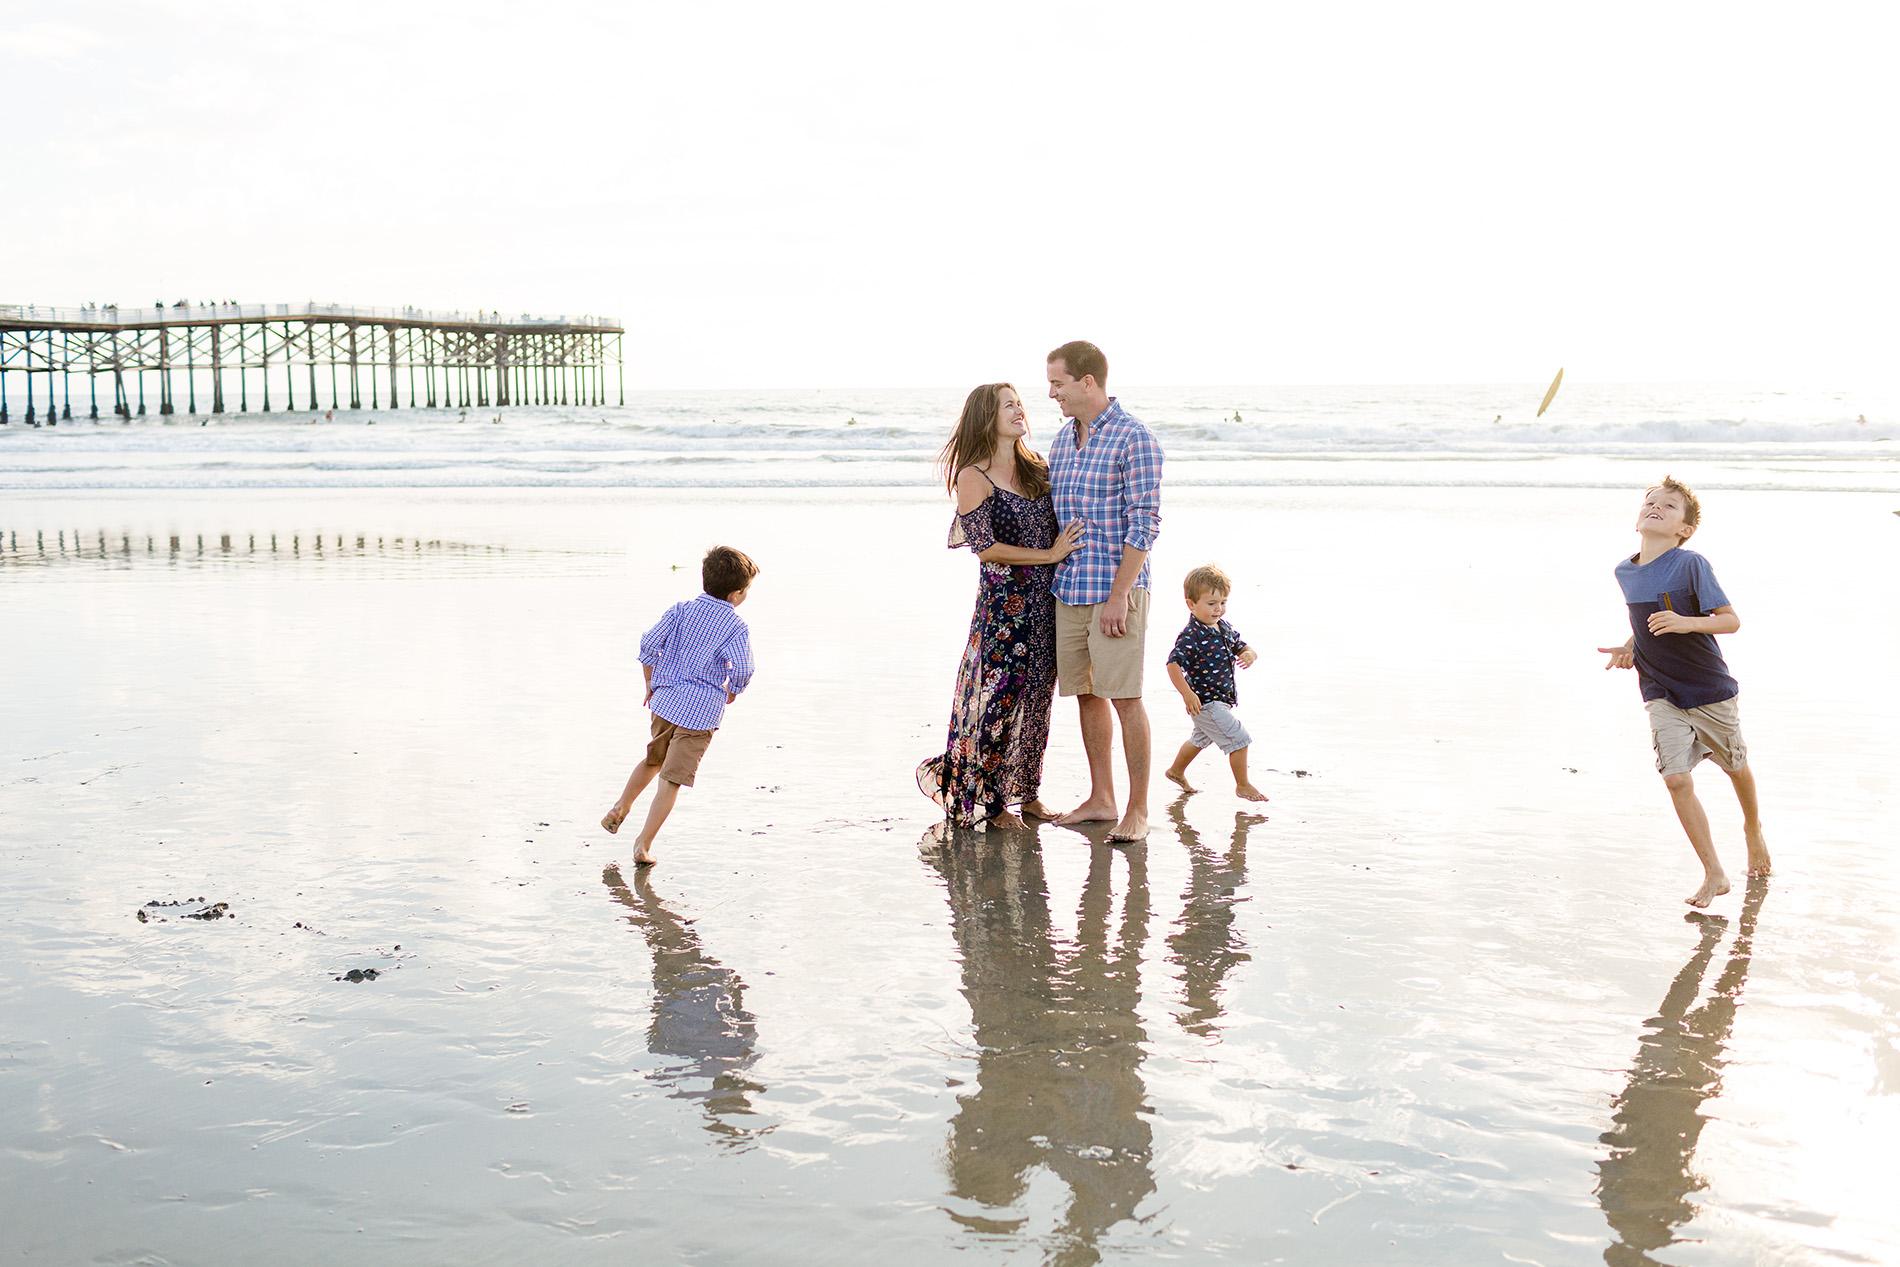 San_Diego_Family_Photographer_Christine_Dammann_Photography_Blog_Making_Family_Photos_FUN!_WS4